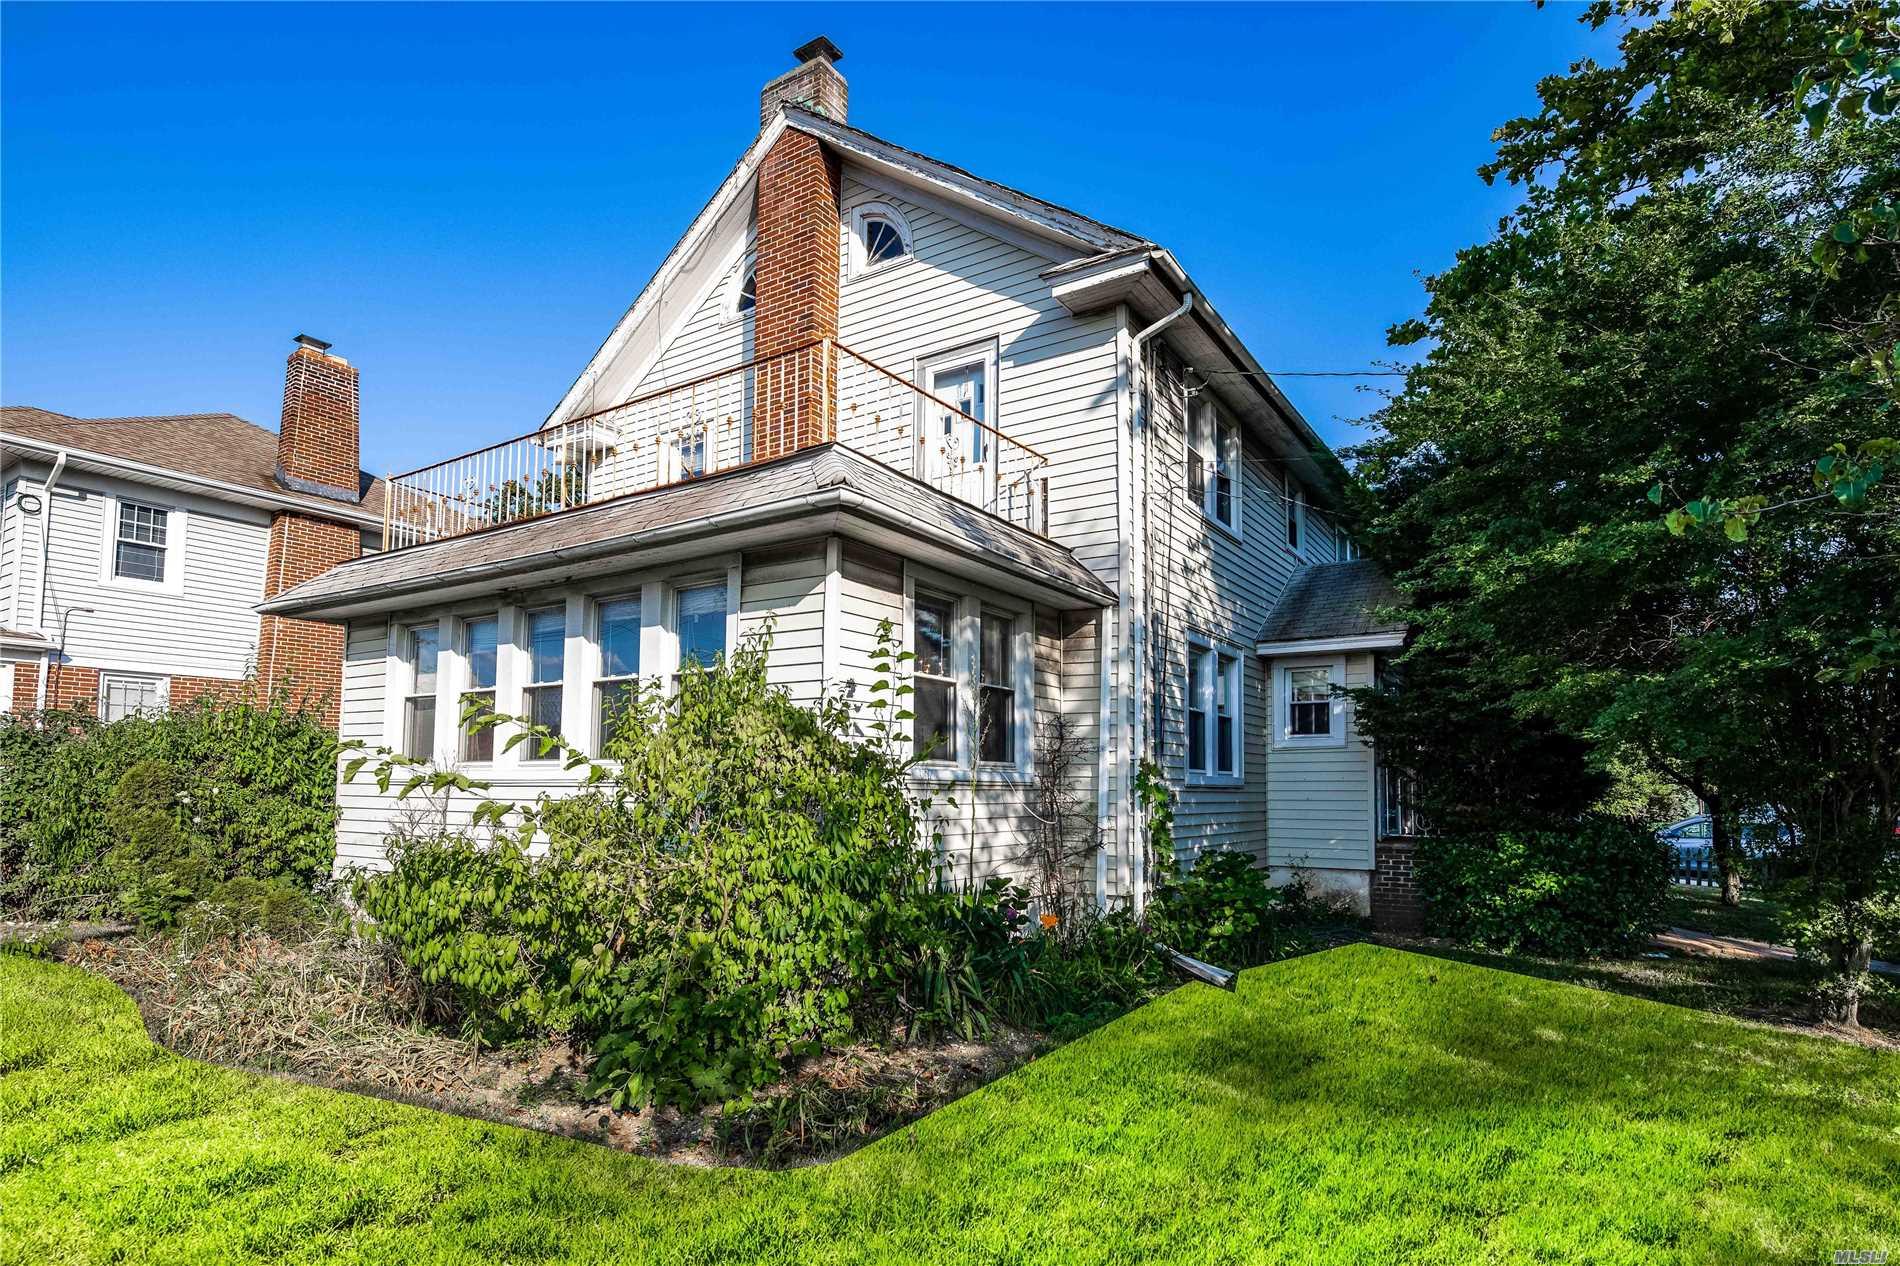 370 Roselle Ave - Cedarhurst, New York